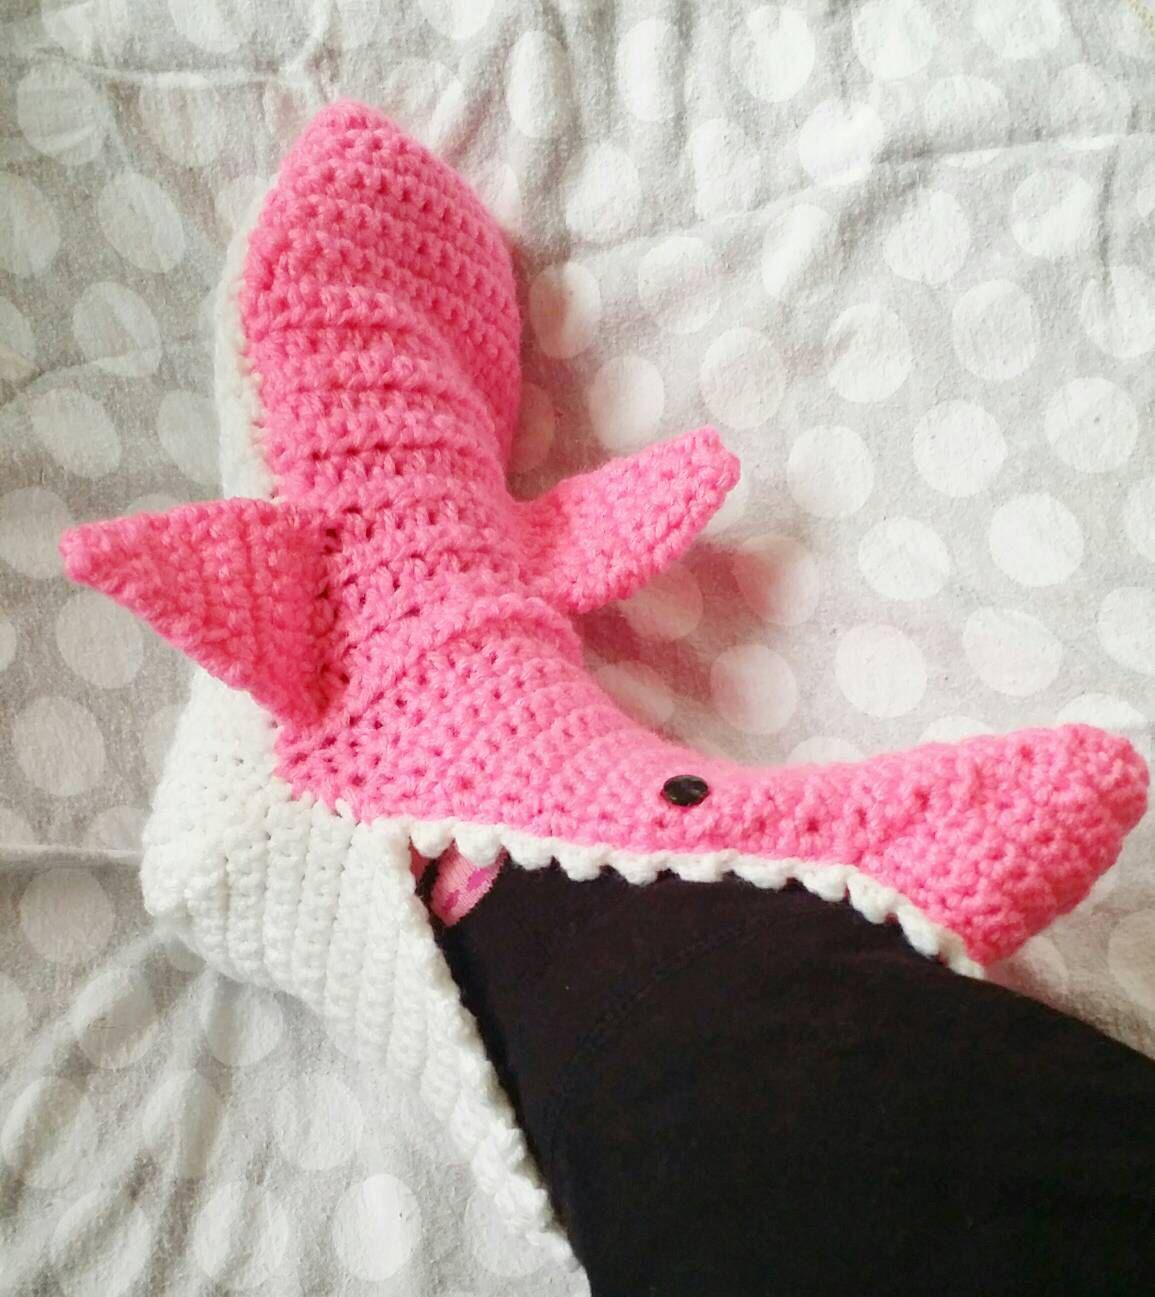 Pink crochet shark slippers shark socks and shark booties youth pink crochet shark slippers shark socks and shark booties adult men and women bankloansurffo Gallery